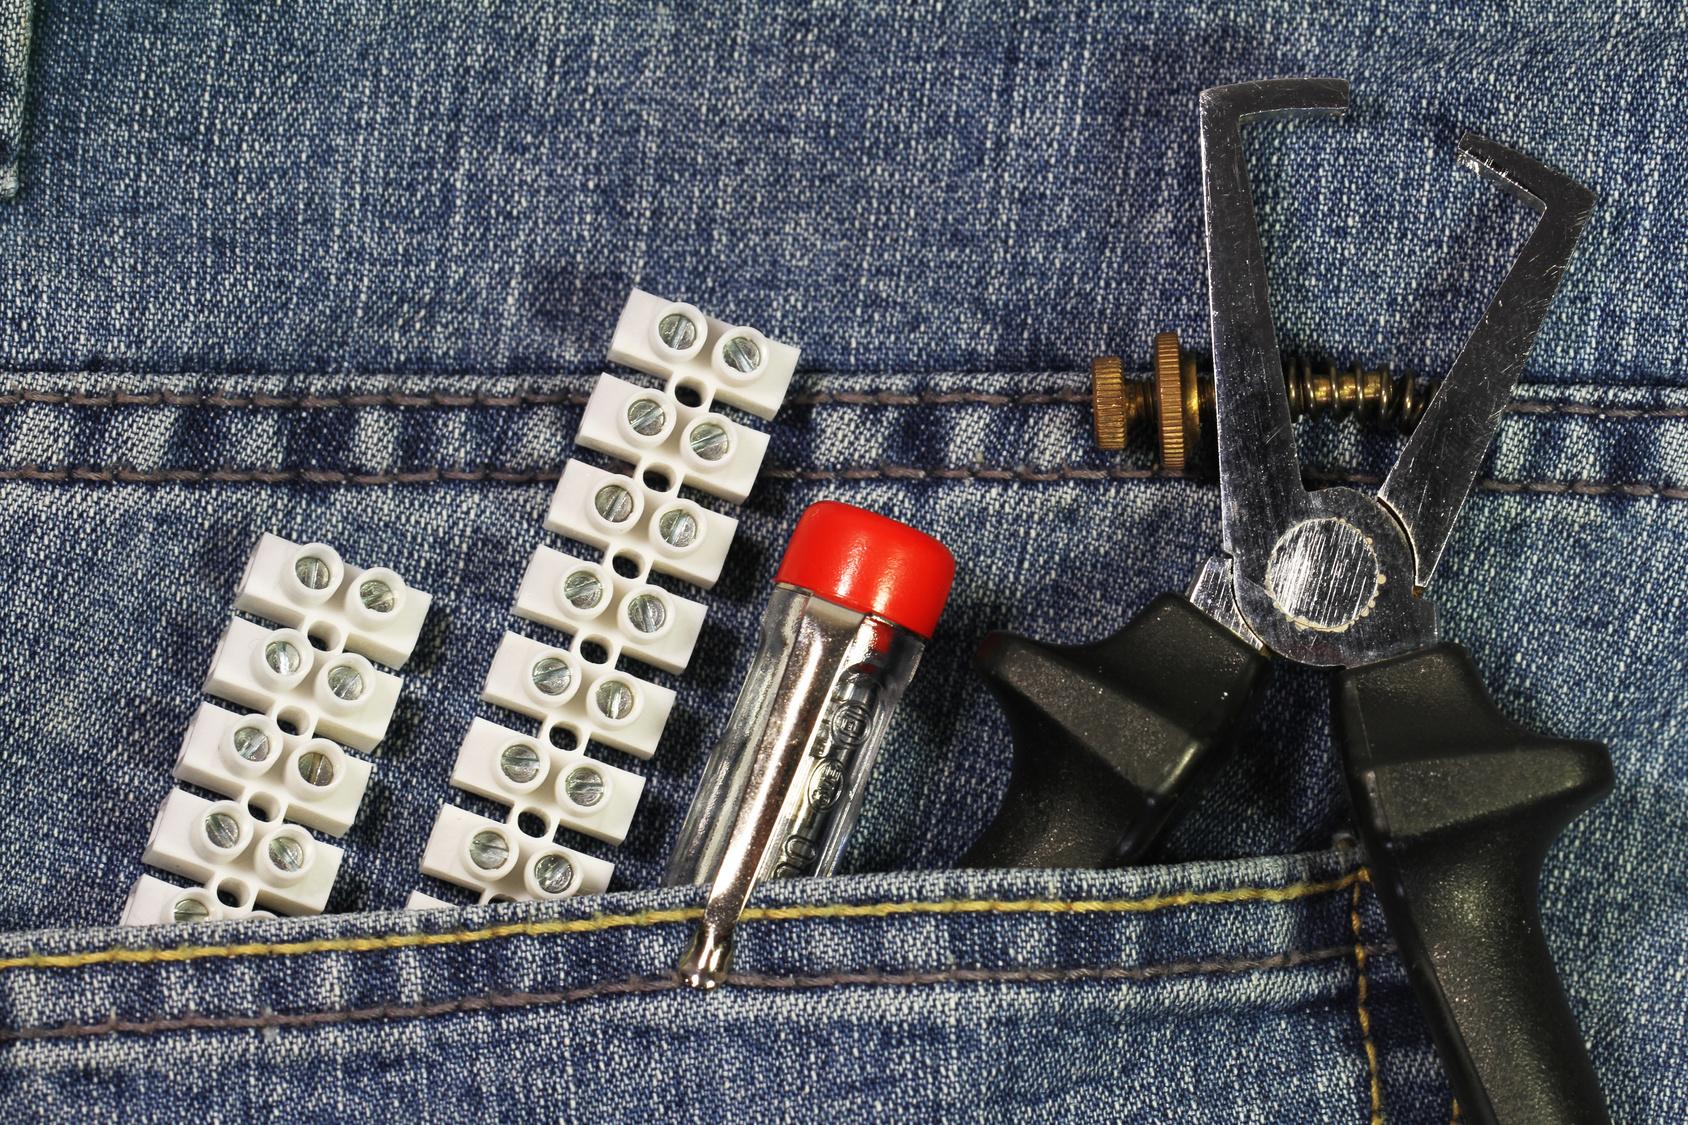 Instandhaltungsmechaniker (m/w/d)